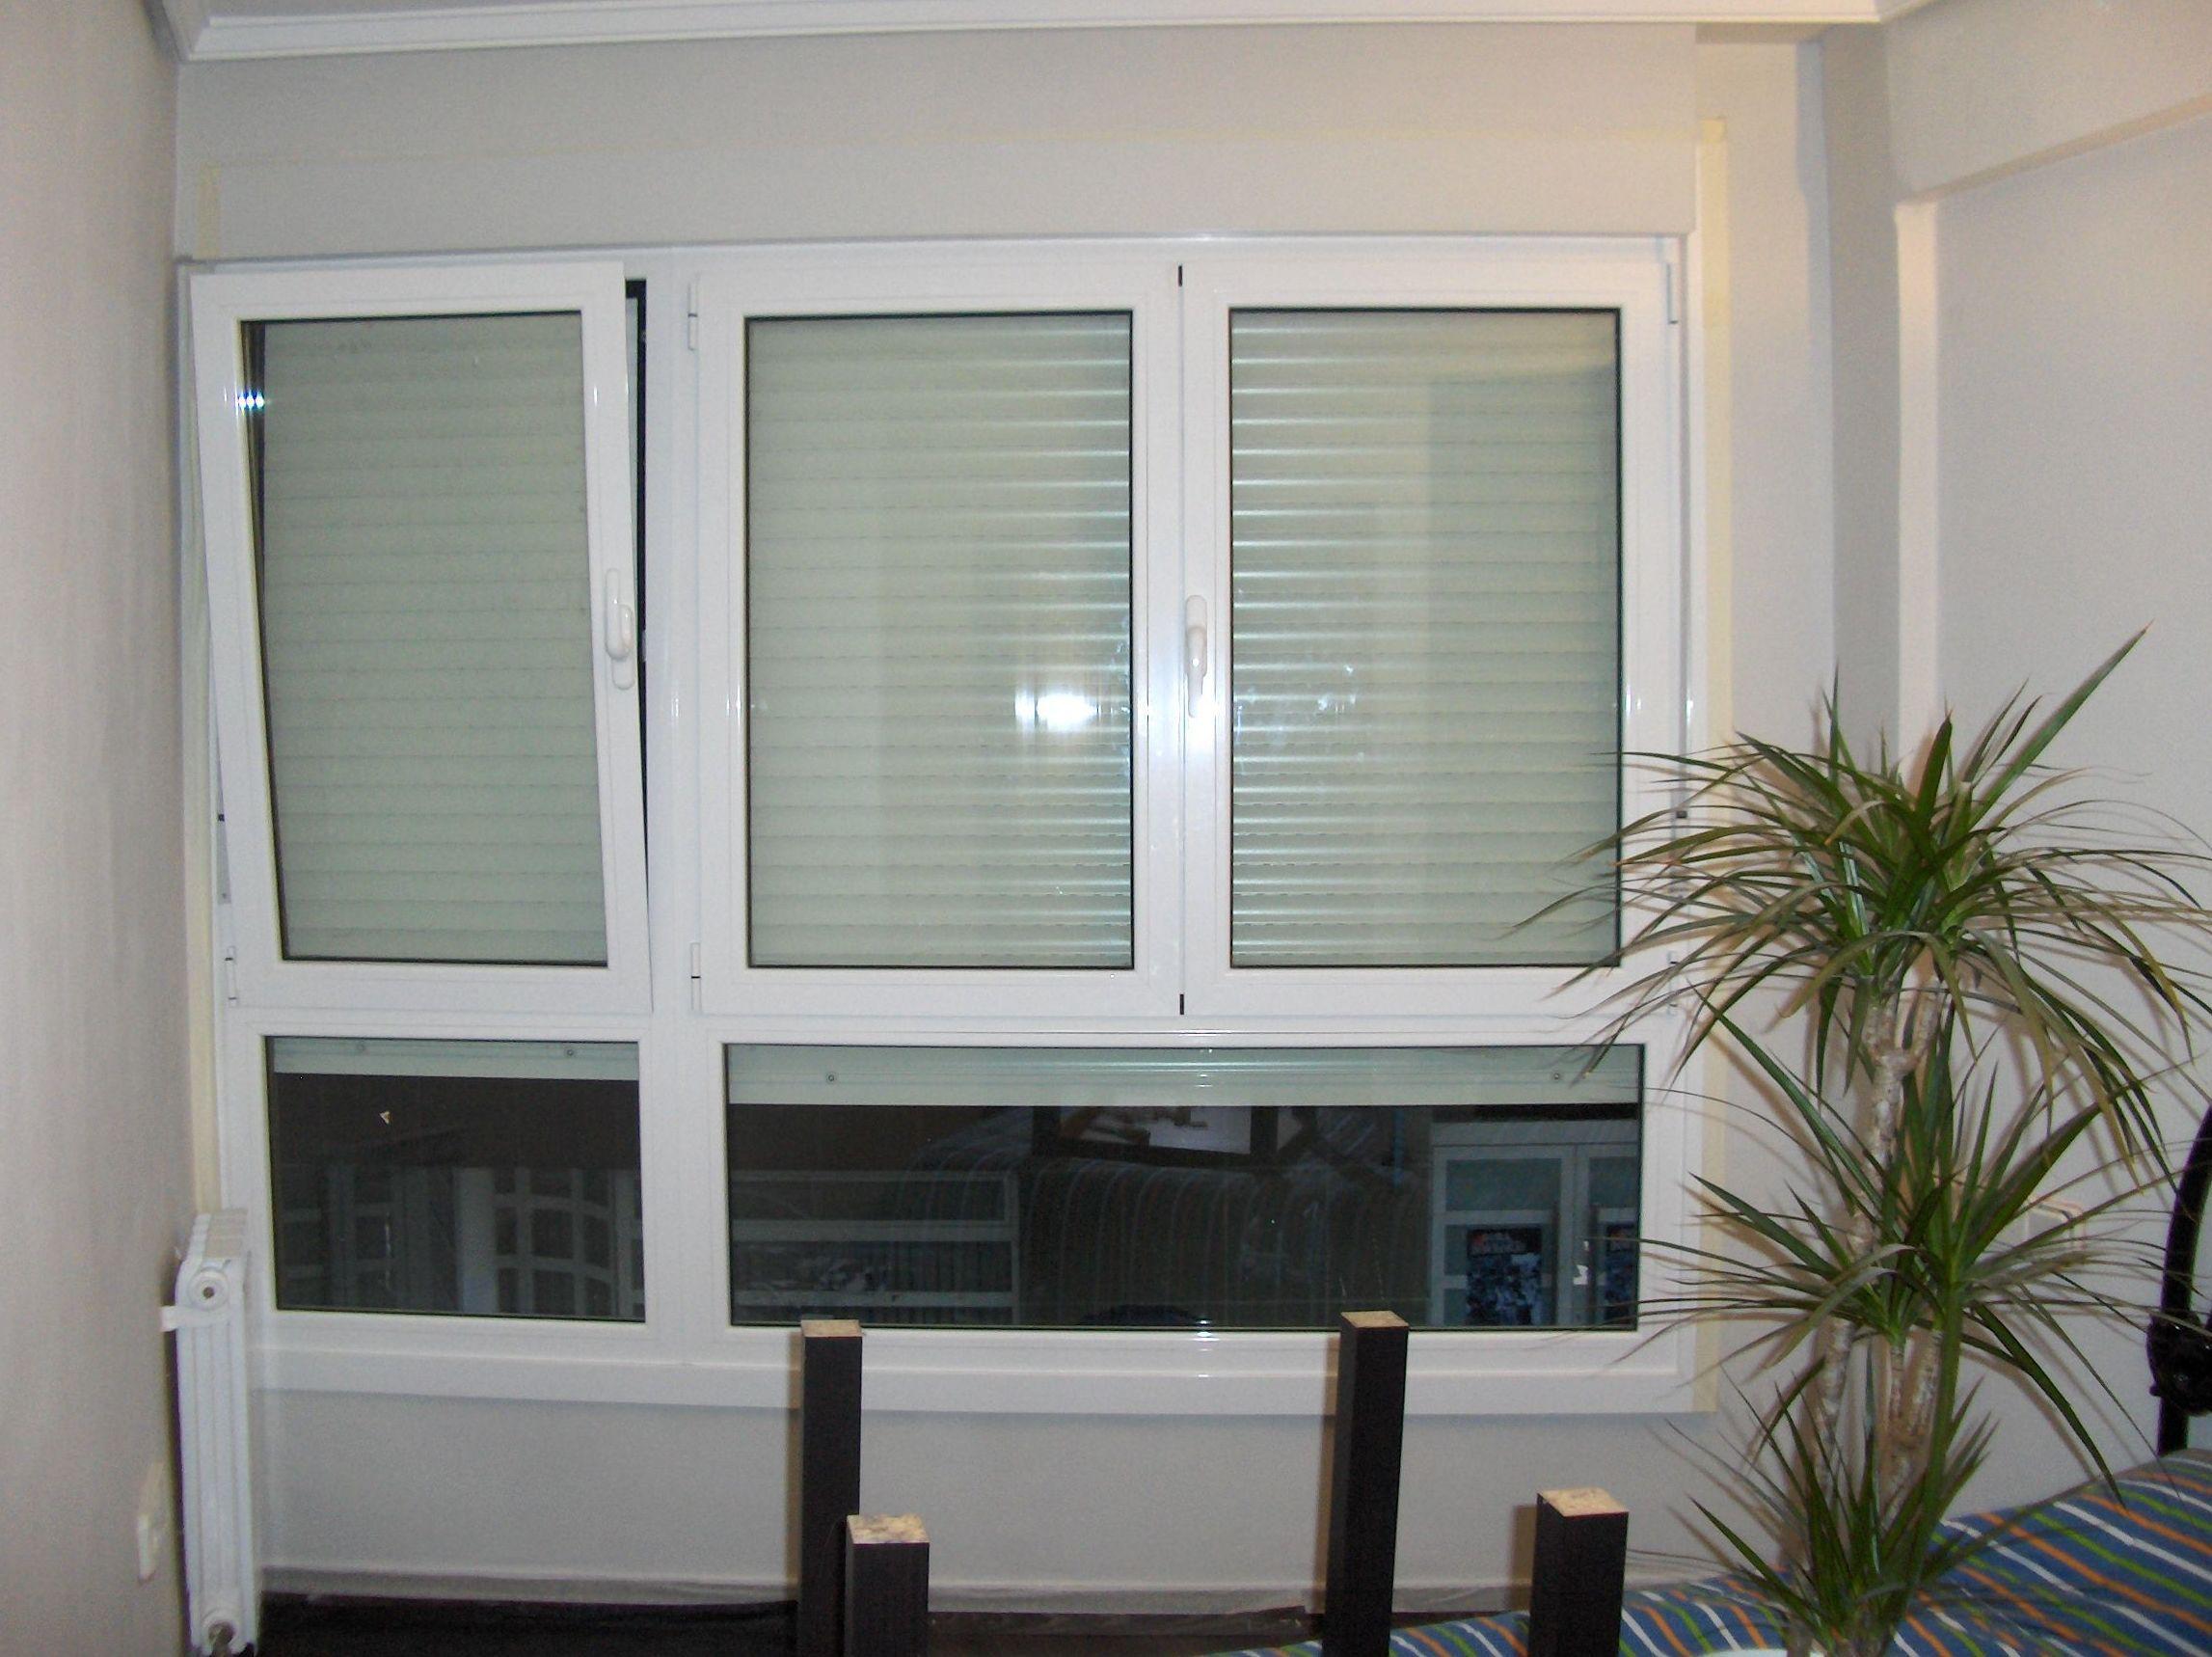 Fotos ventanas pvc ventanas pvc precios with fotos - Ventanas de aluminio o pvc precios ...